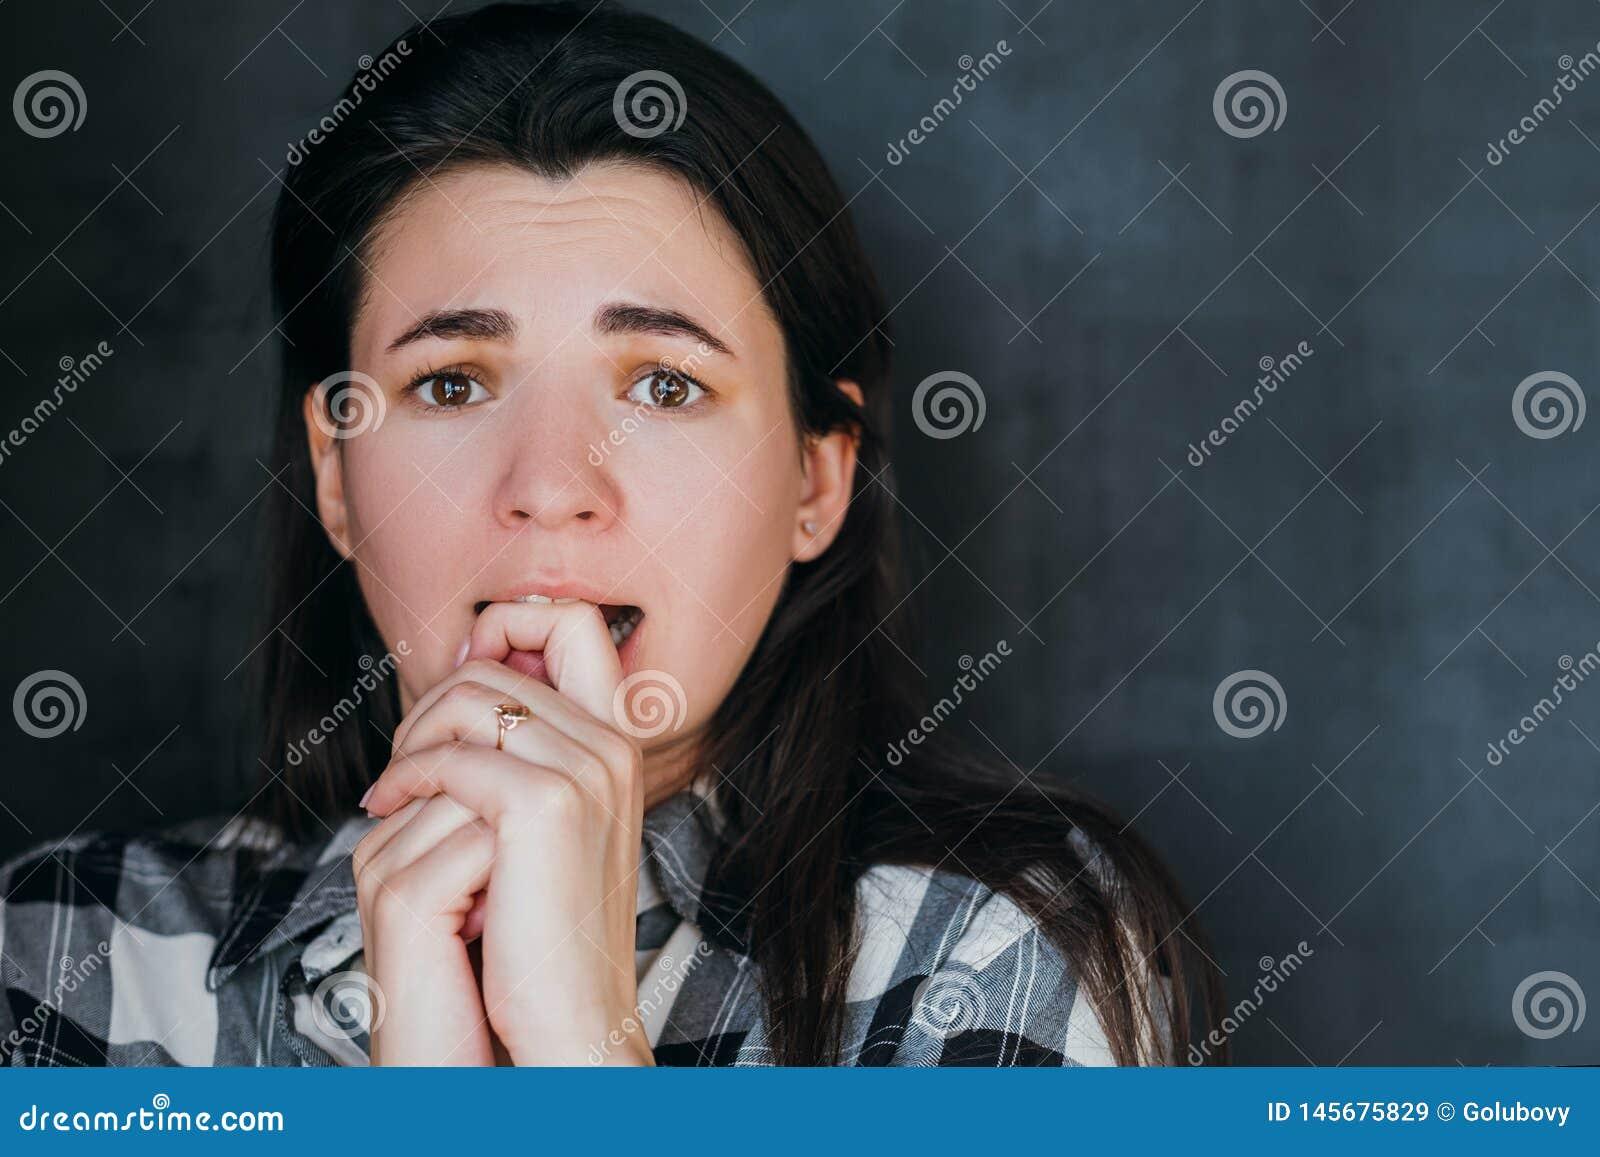 Strasząca kobieta drzeje żal fobii wyraz twarzy